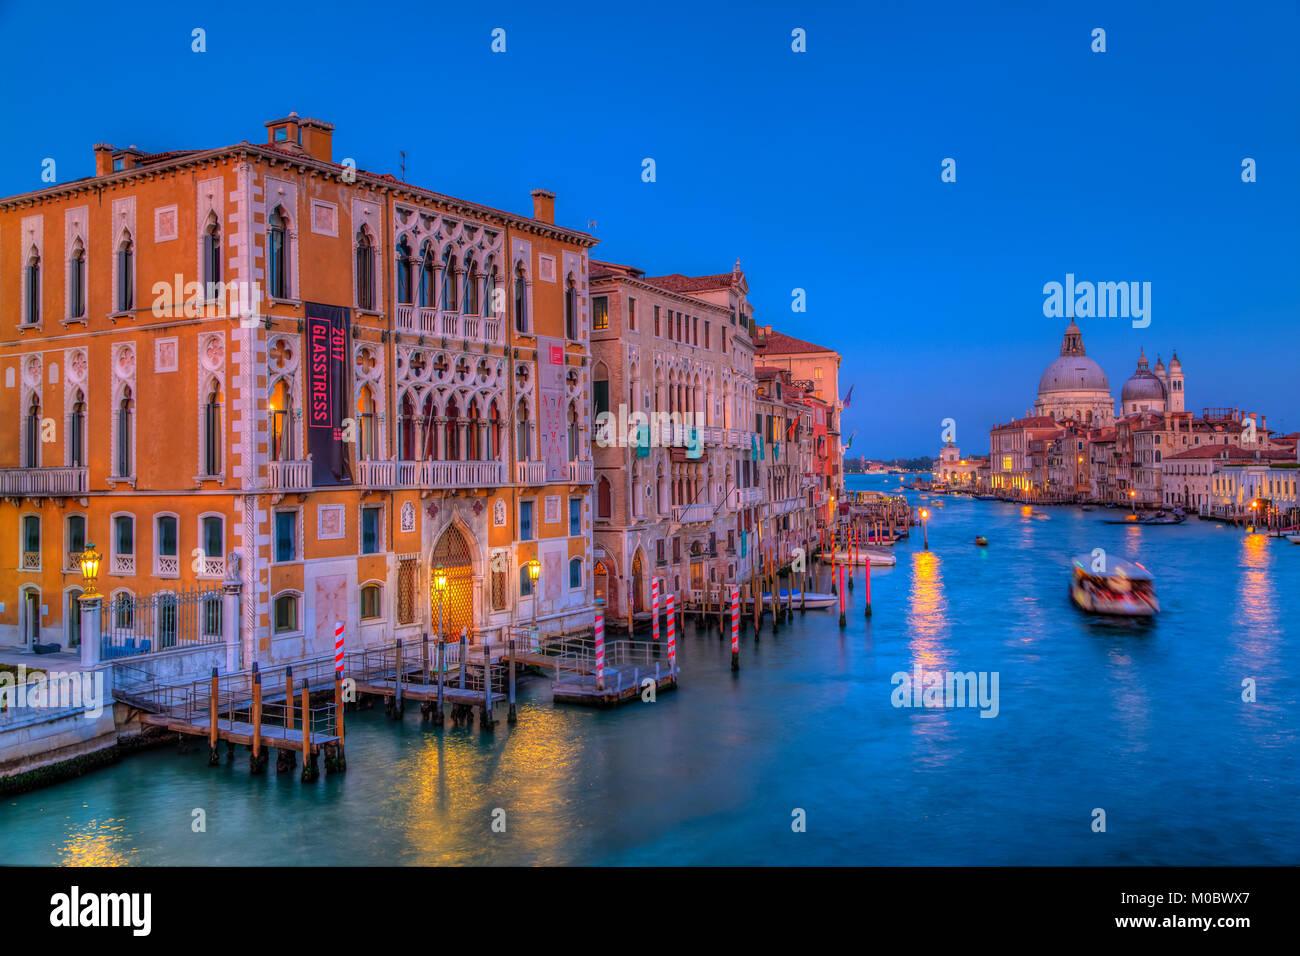 Una noche vistas del Gran Canal de Venecia, Véneto, Italia, Europa. Imagen De Stock